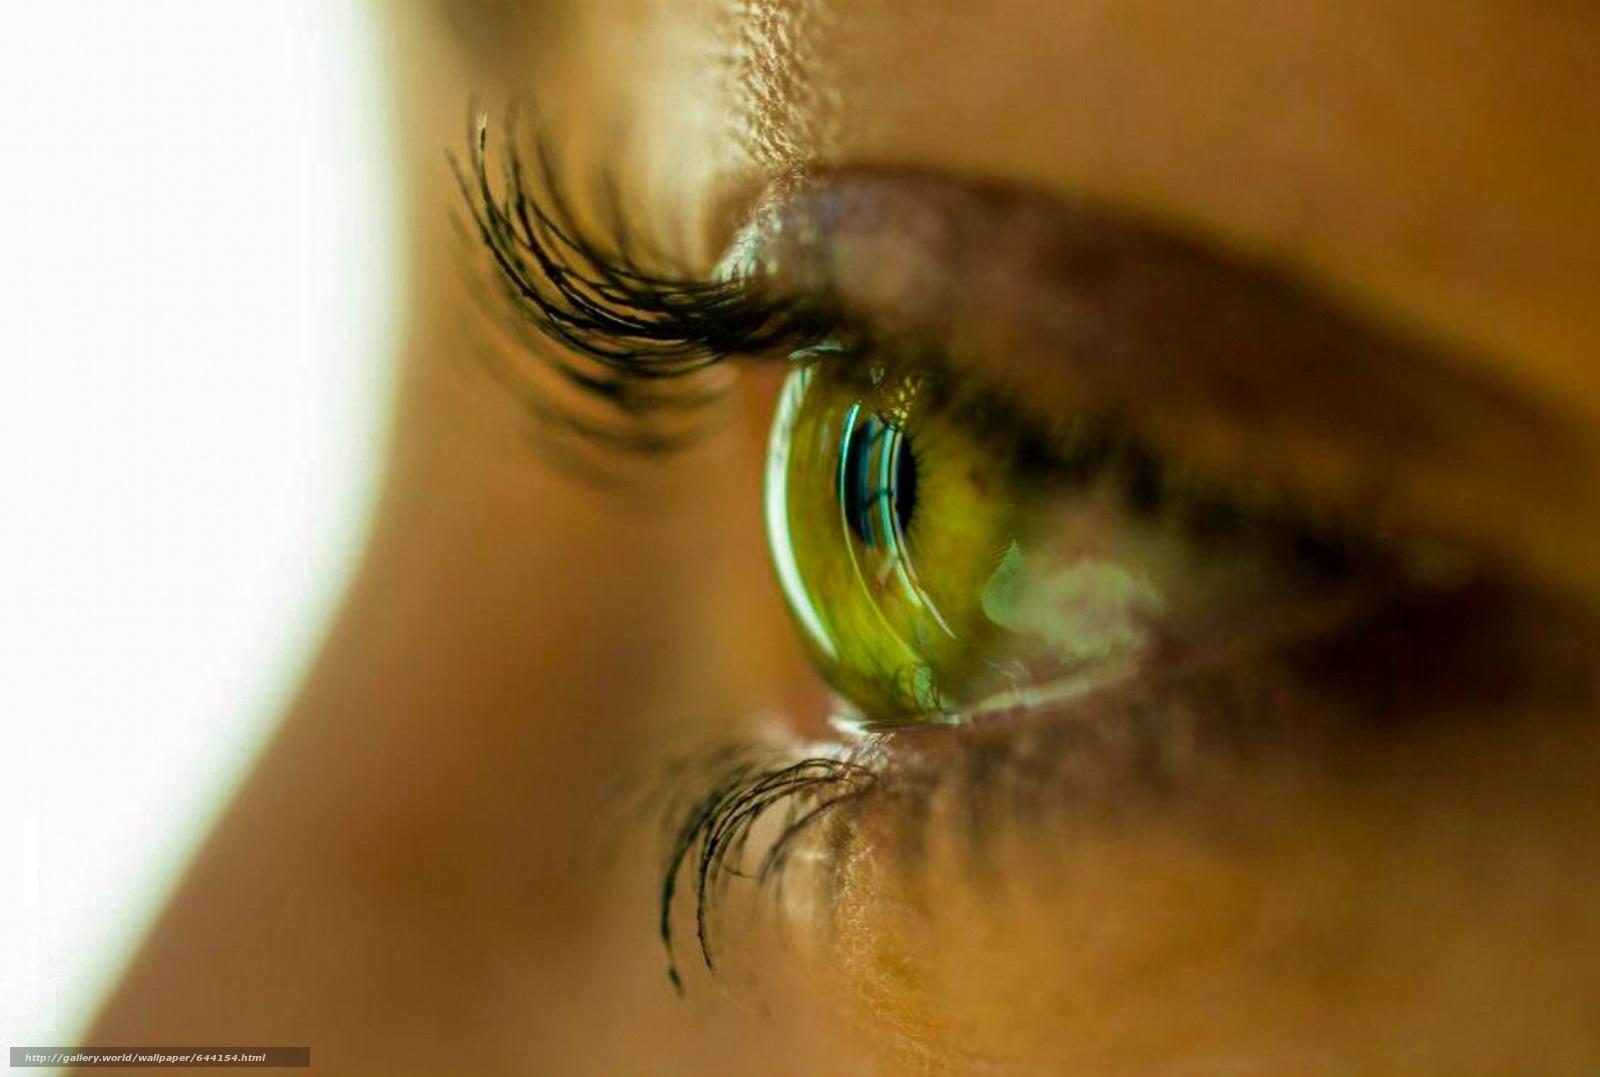 Скачать обои глаз,  глаза,  человеческие,  человек бесплатно для рабочего стола в разрешении 2048x1379 — картинка №644154